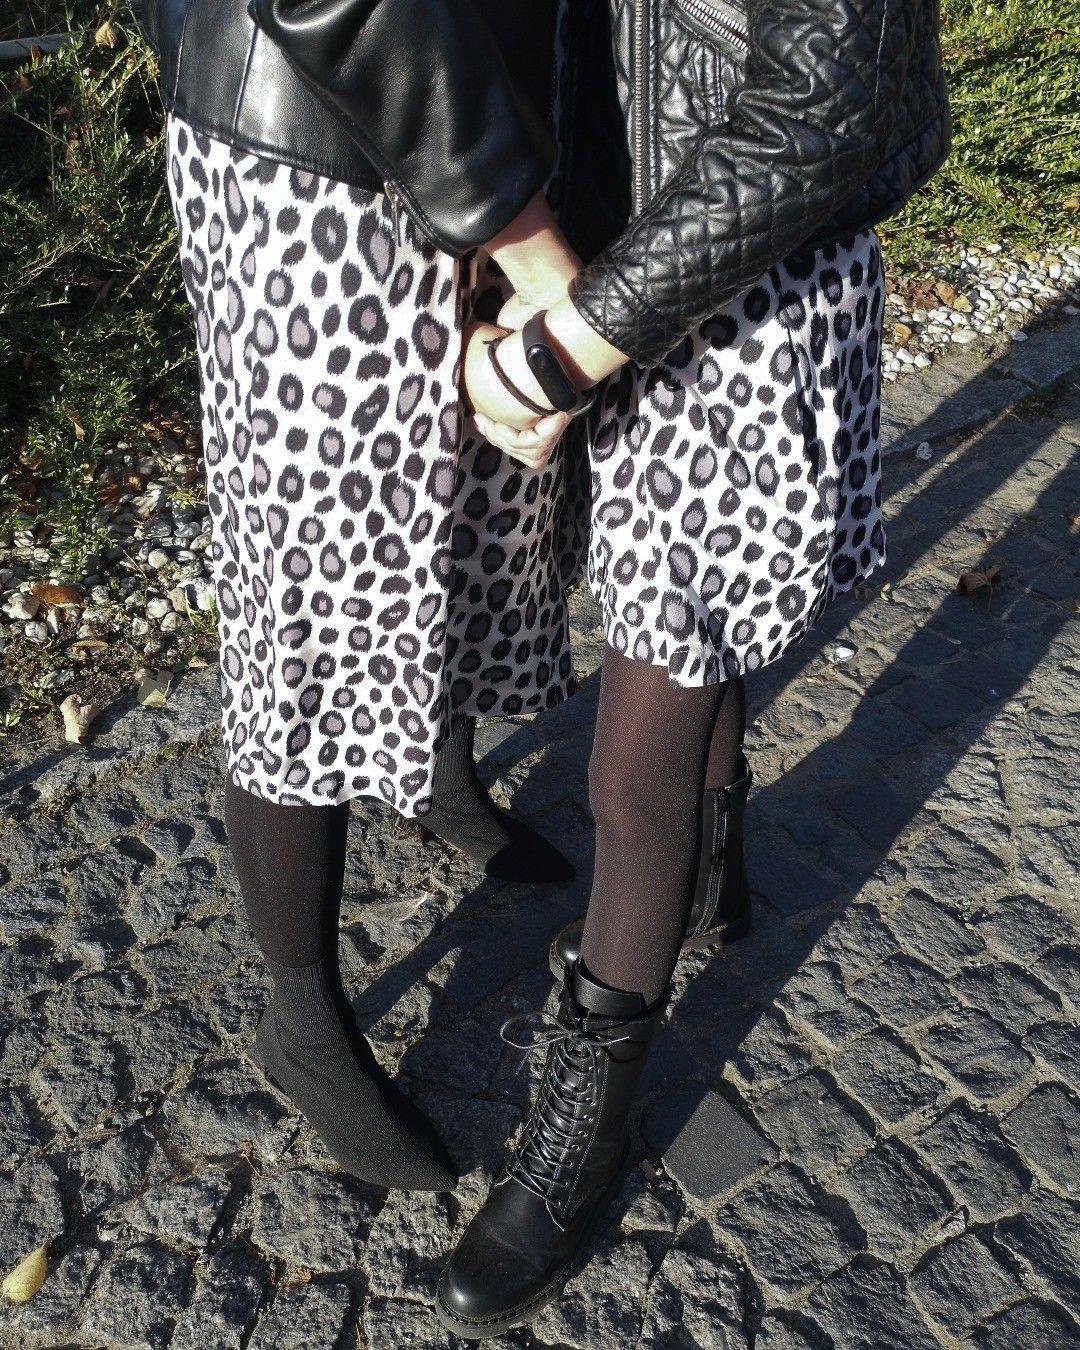 Co Sprawia Ze Zwierzece Wzory Wciaz Wracaja Na Szczyt Modowych Trendow Sa Intrygujace Dodaja Stylizacji Pazura Pasuja Kobietom Fashion Skirts Sequin Skirt